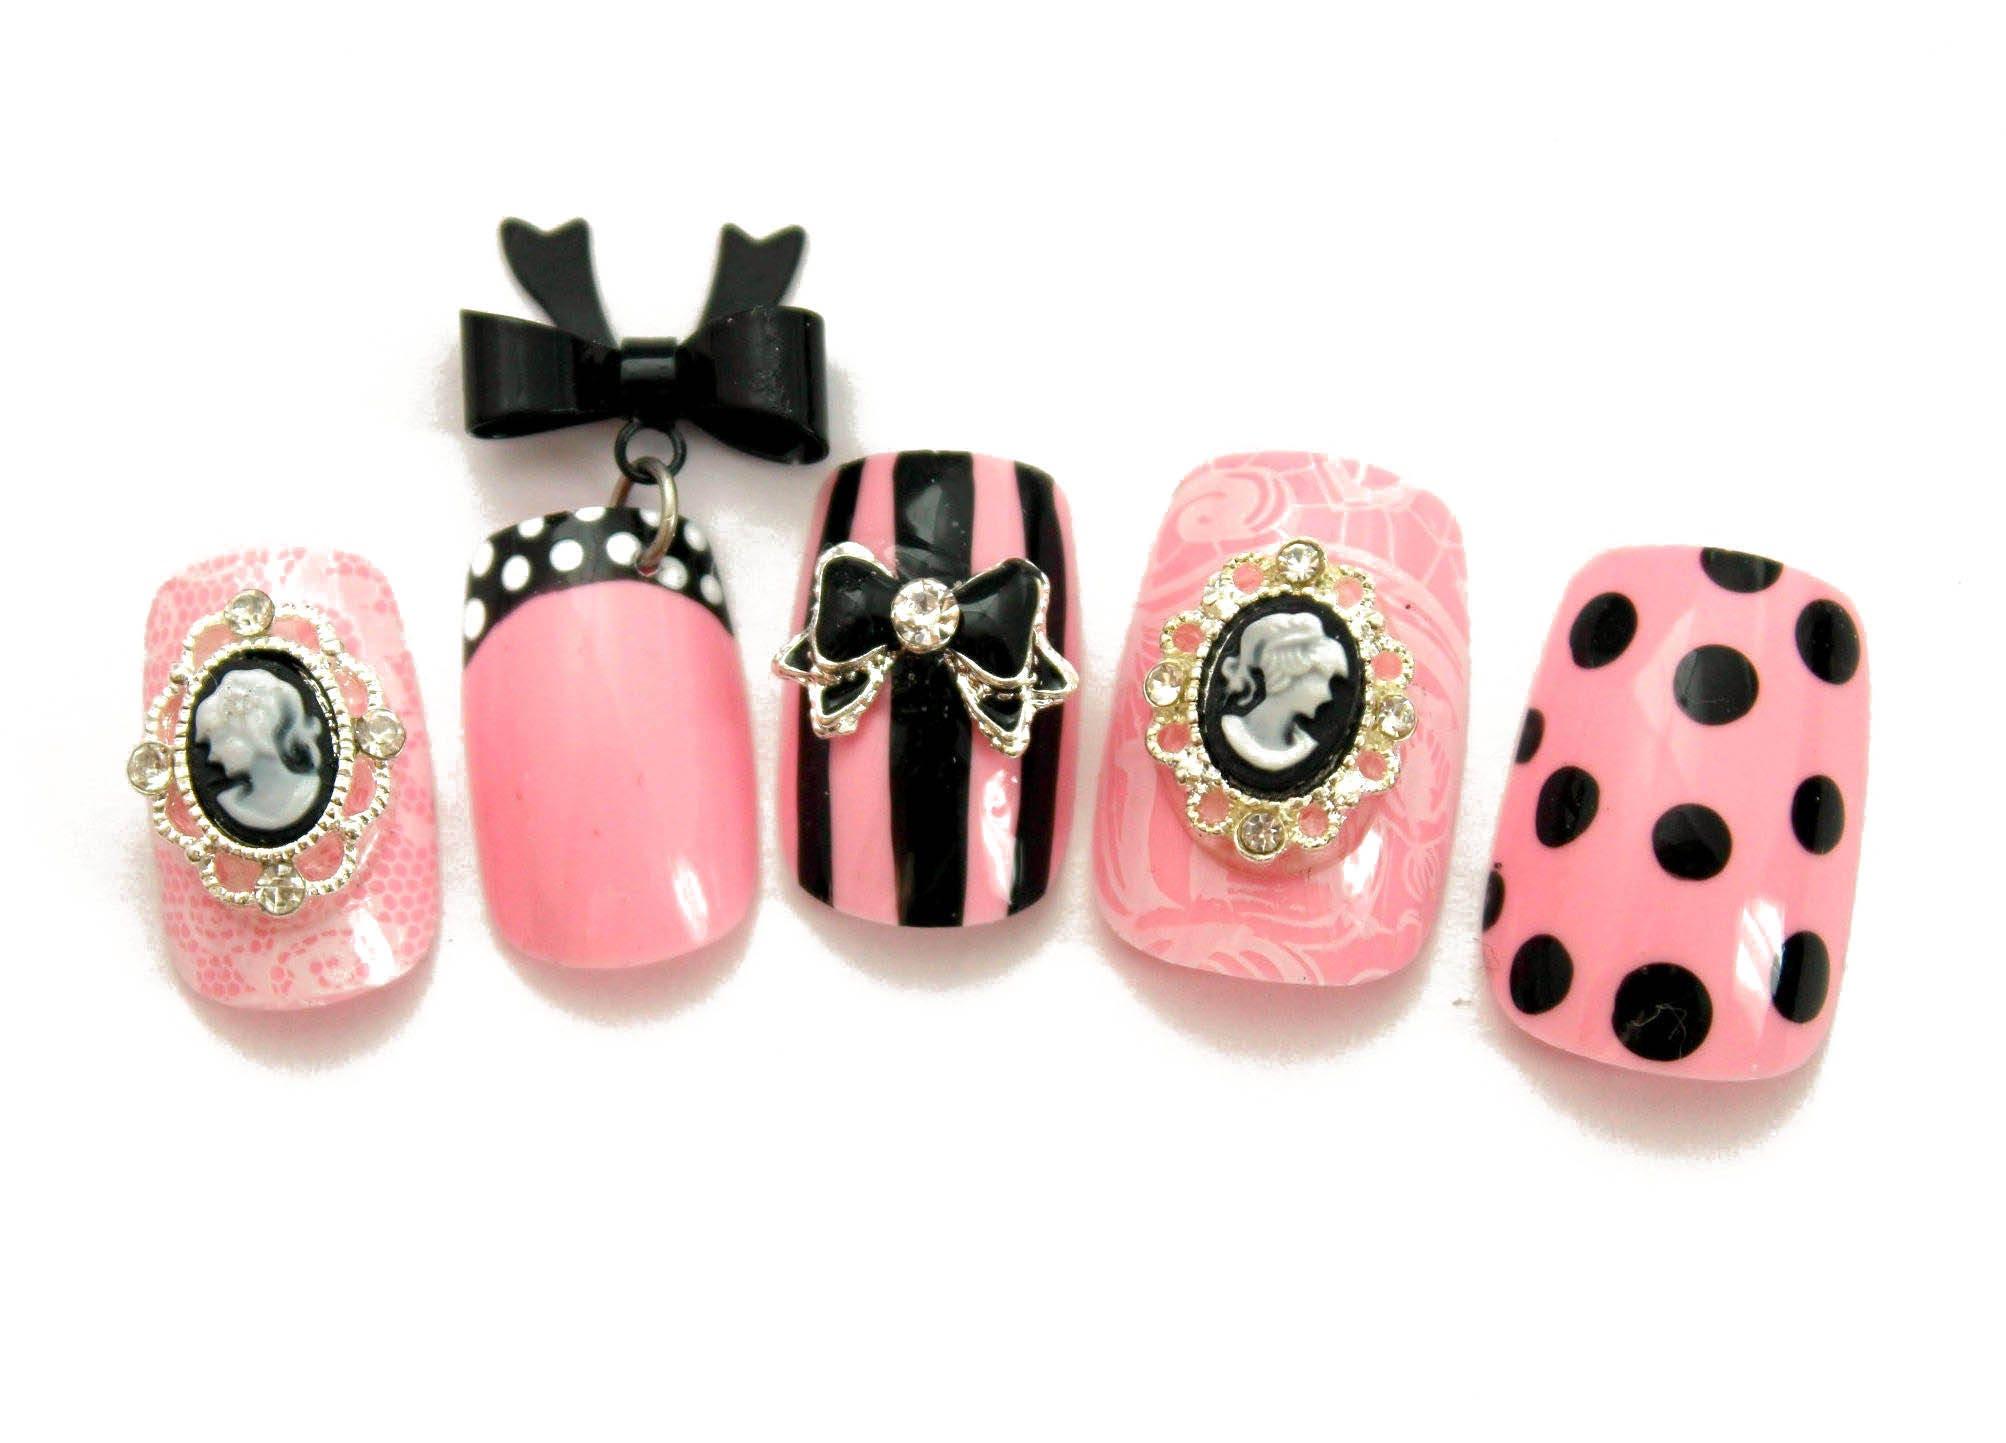 Pink and Black Kawaii Lolita Press On Nails | Gyaru Hime Cosplay ...